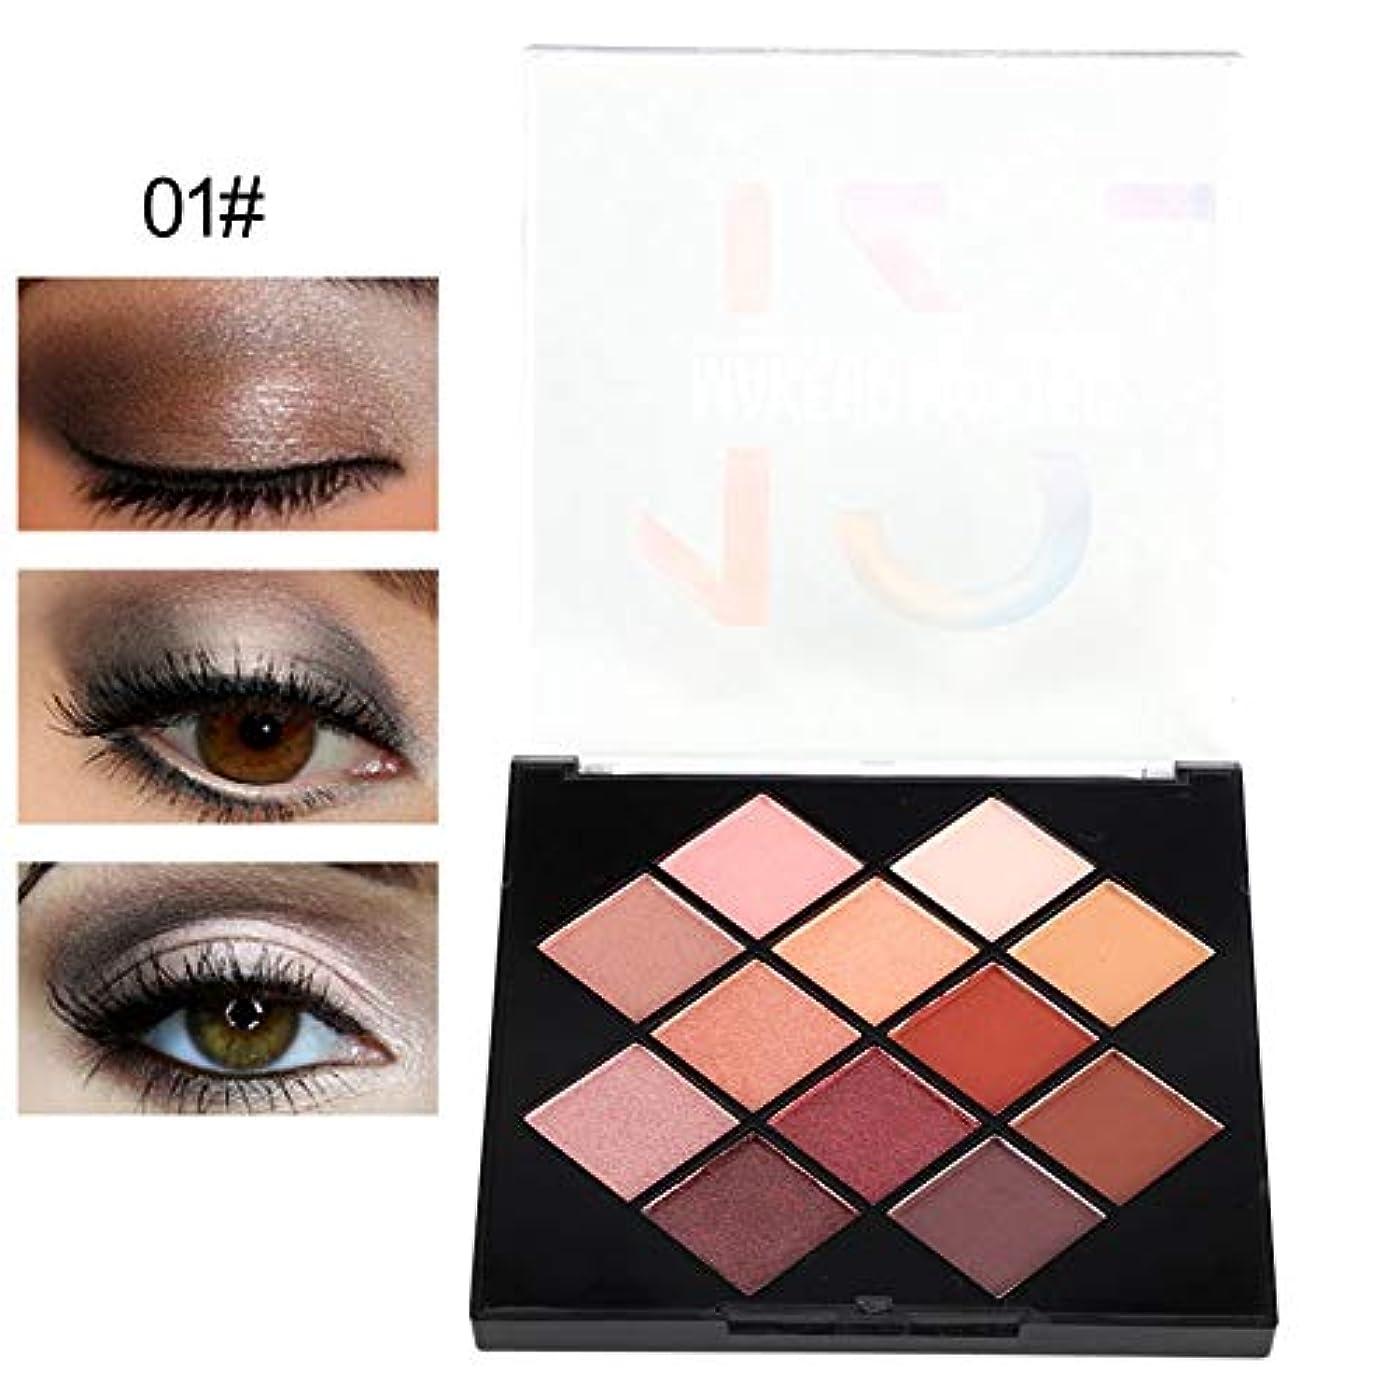 ビジュアル光景ねばねばアイシャドウパレット 12色 化粧マット 化粧品ツール グロス アイシャドウパウダー (01)